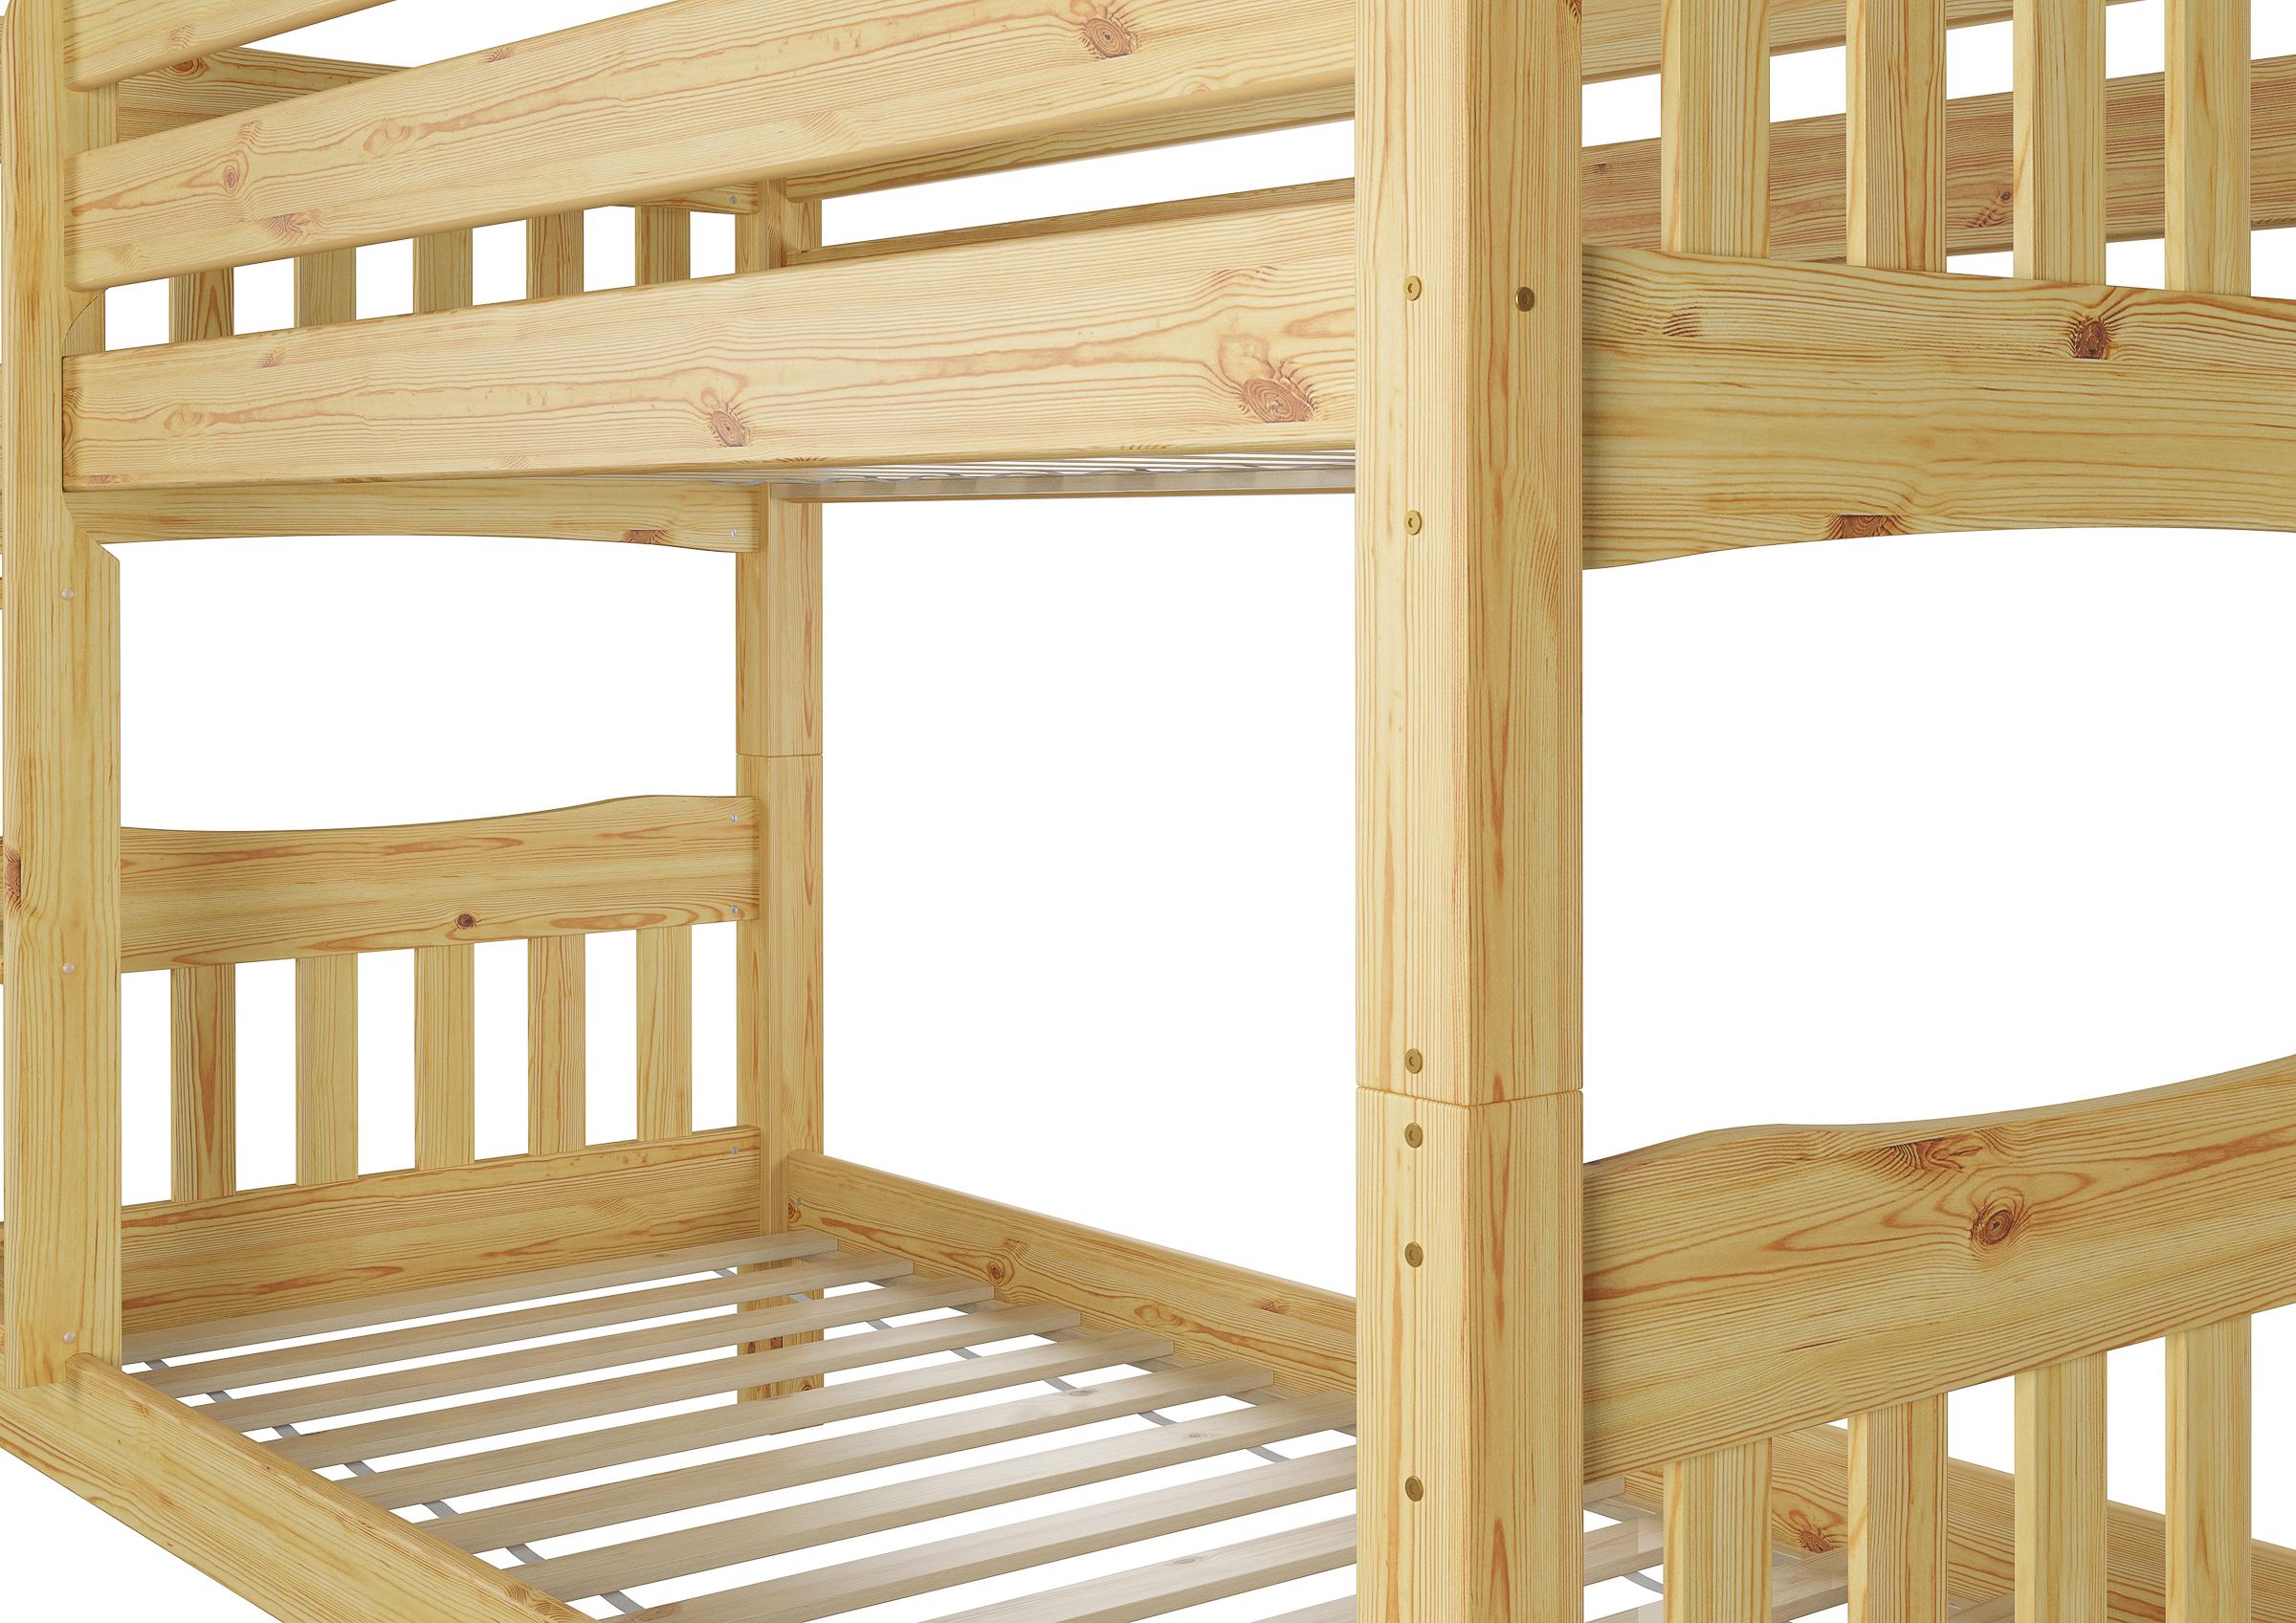 Etagenbett Nische 100 : Etagenbett nische für erwachsene bezaubernd auf